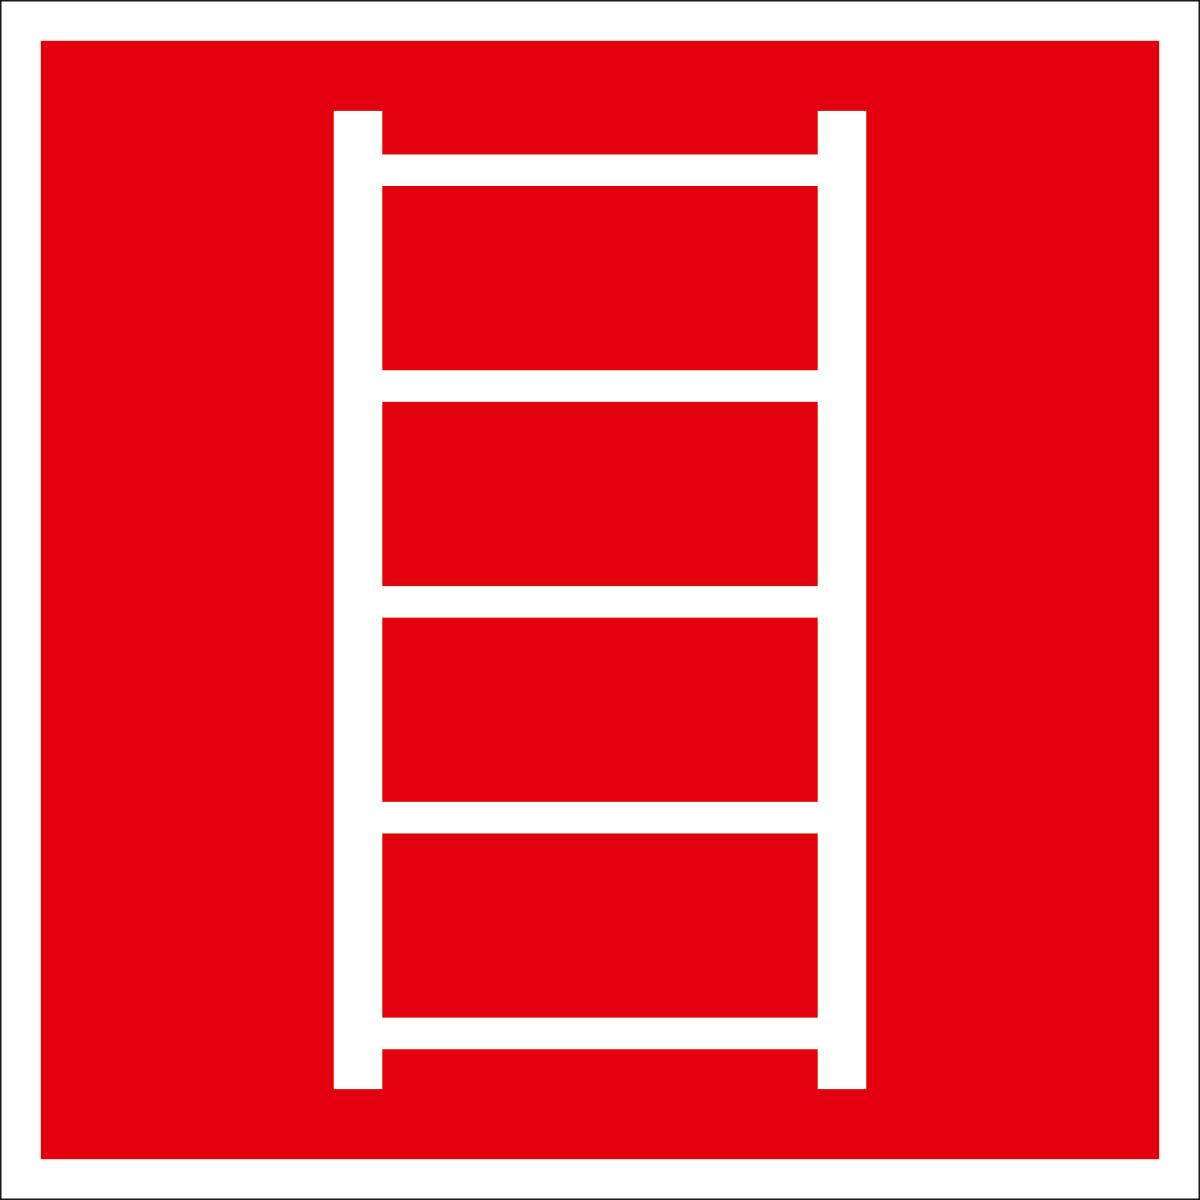 Наклейка информационная Оранжевый Слоник Пожарная лестница, 15 х 15 см